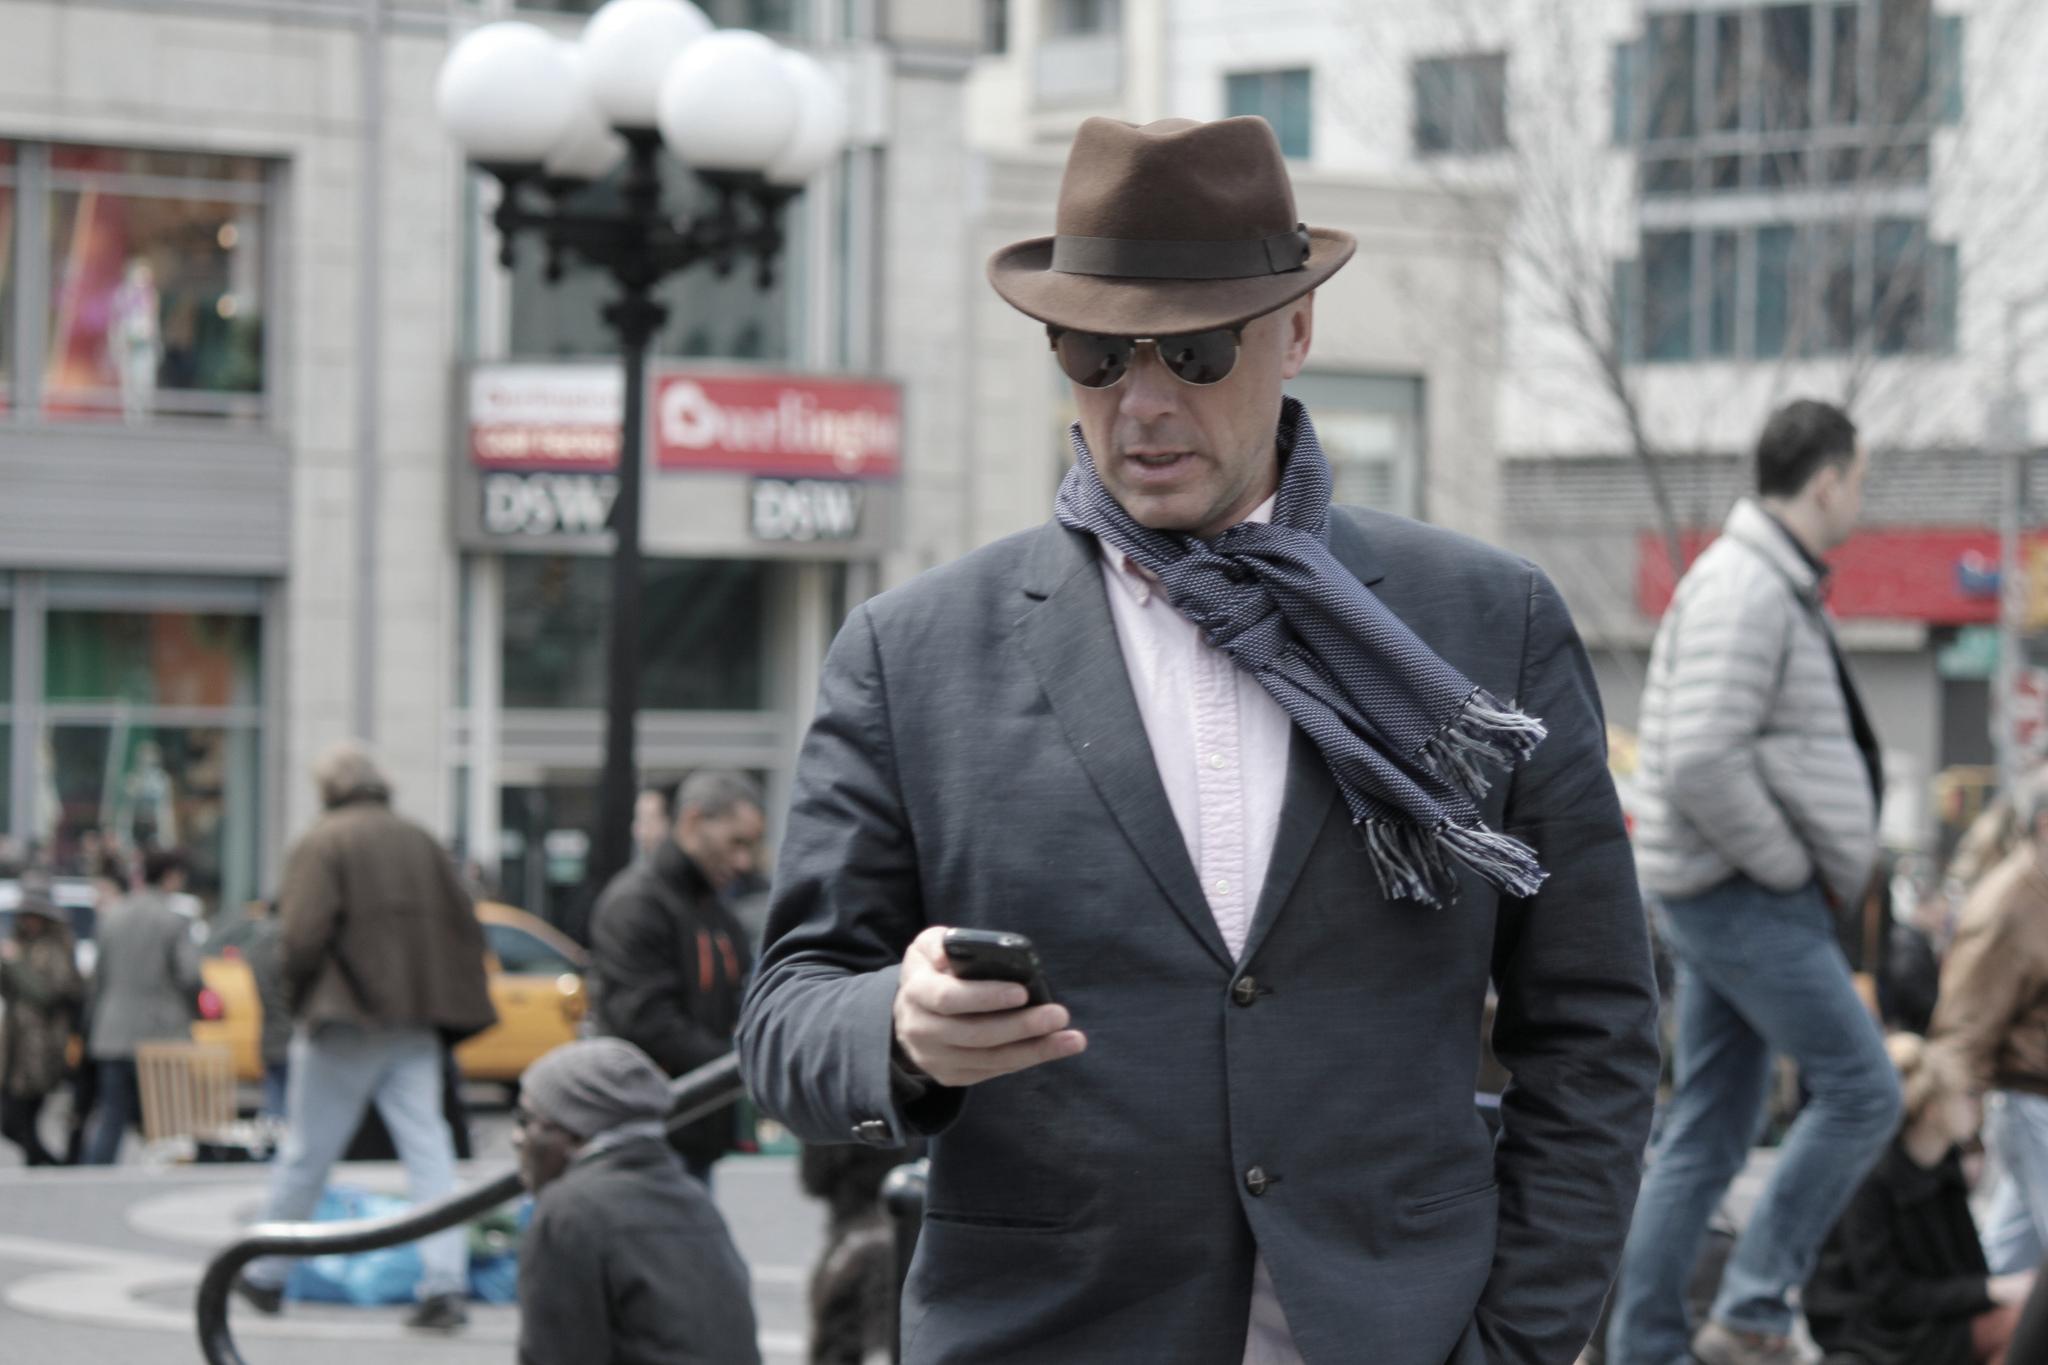 Comment porter un foulard homme de fa on moderne - Comment porter un foulard ...